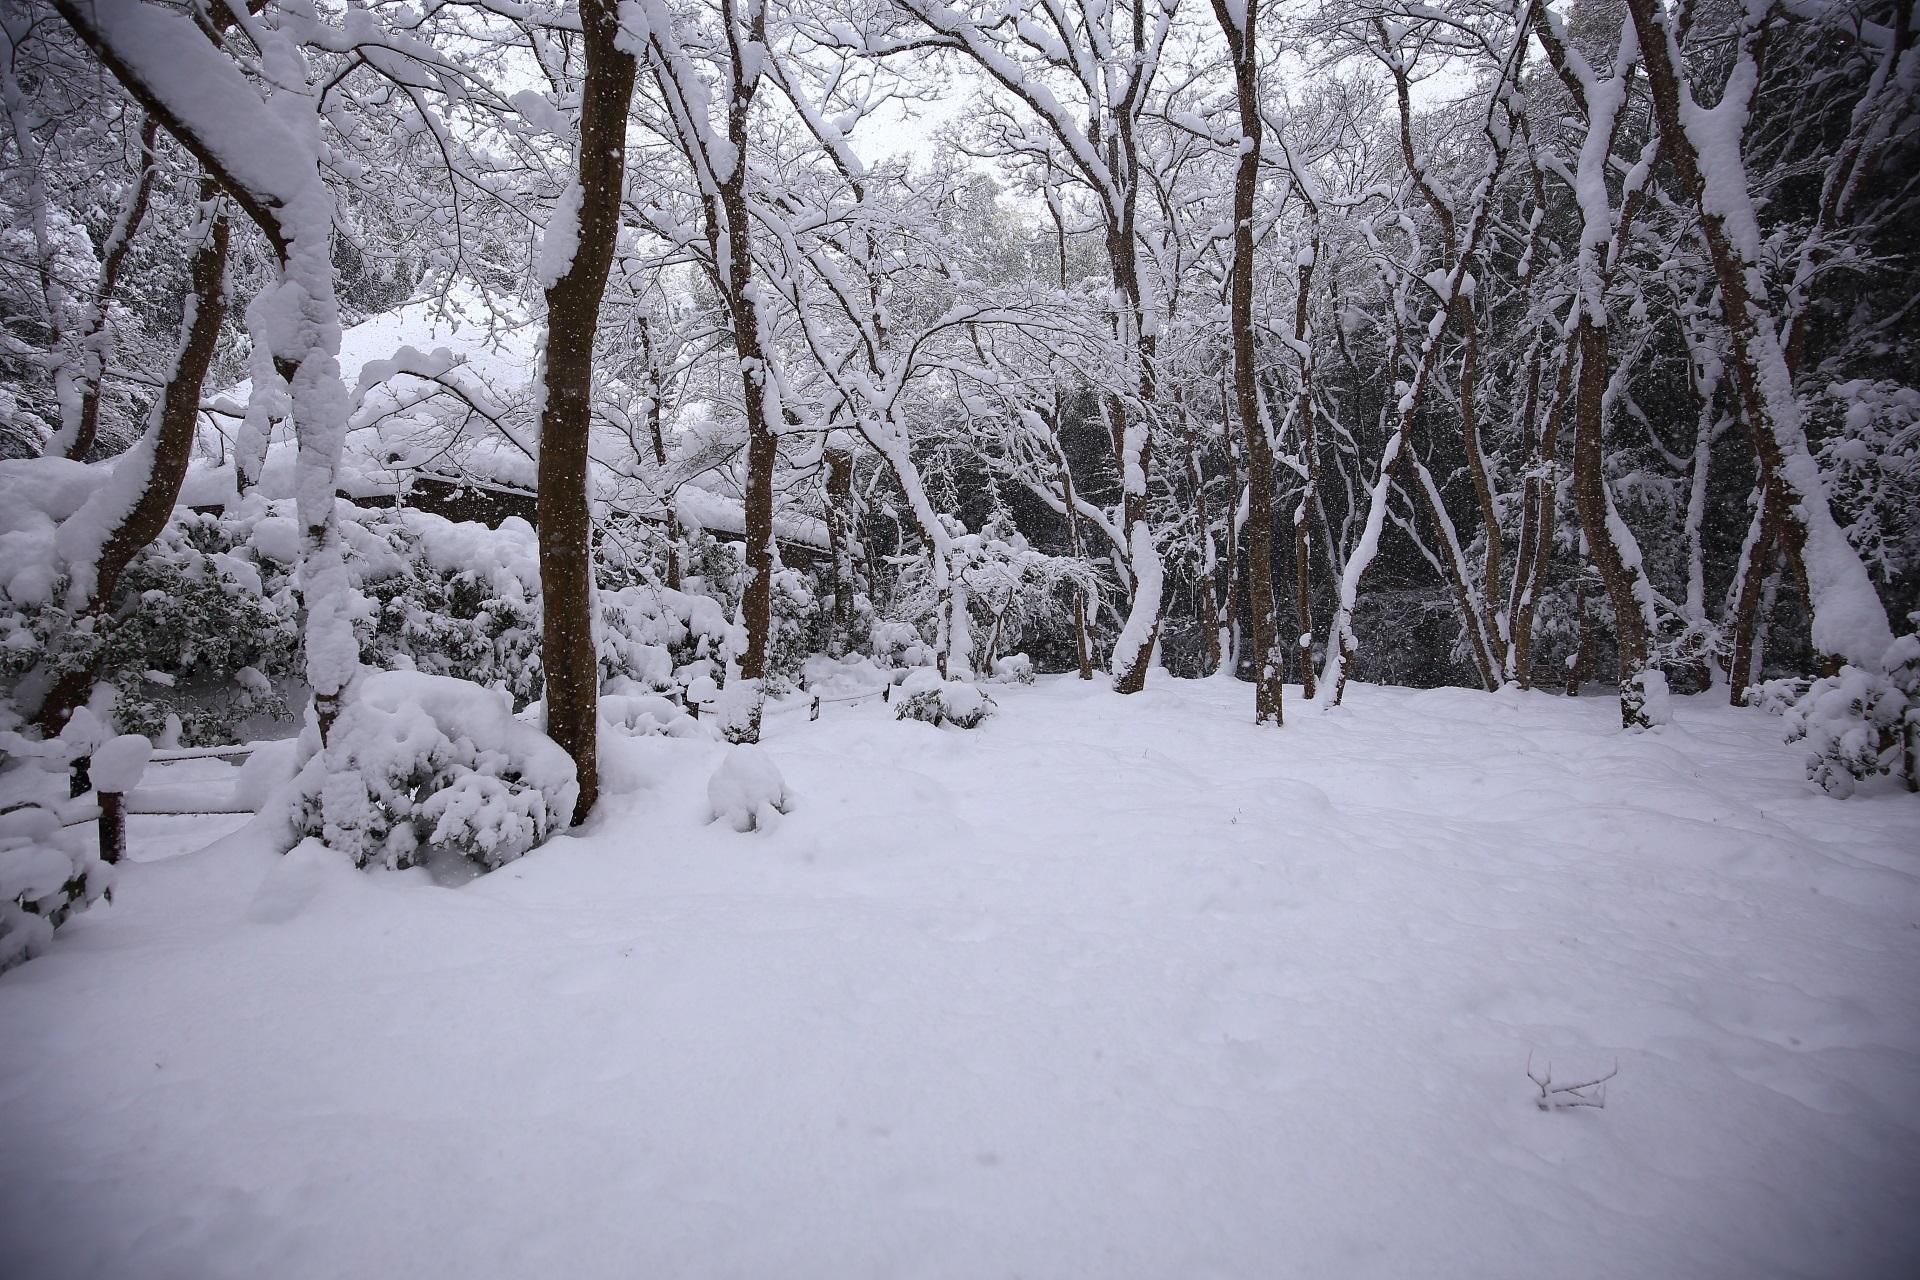 祇王寺の苔庭の雪景色